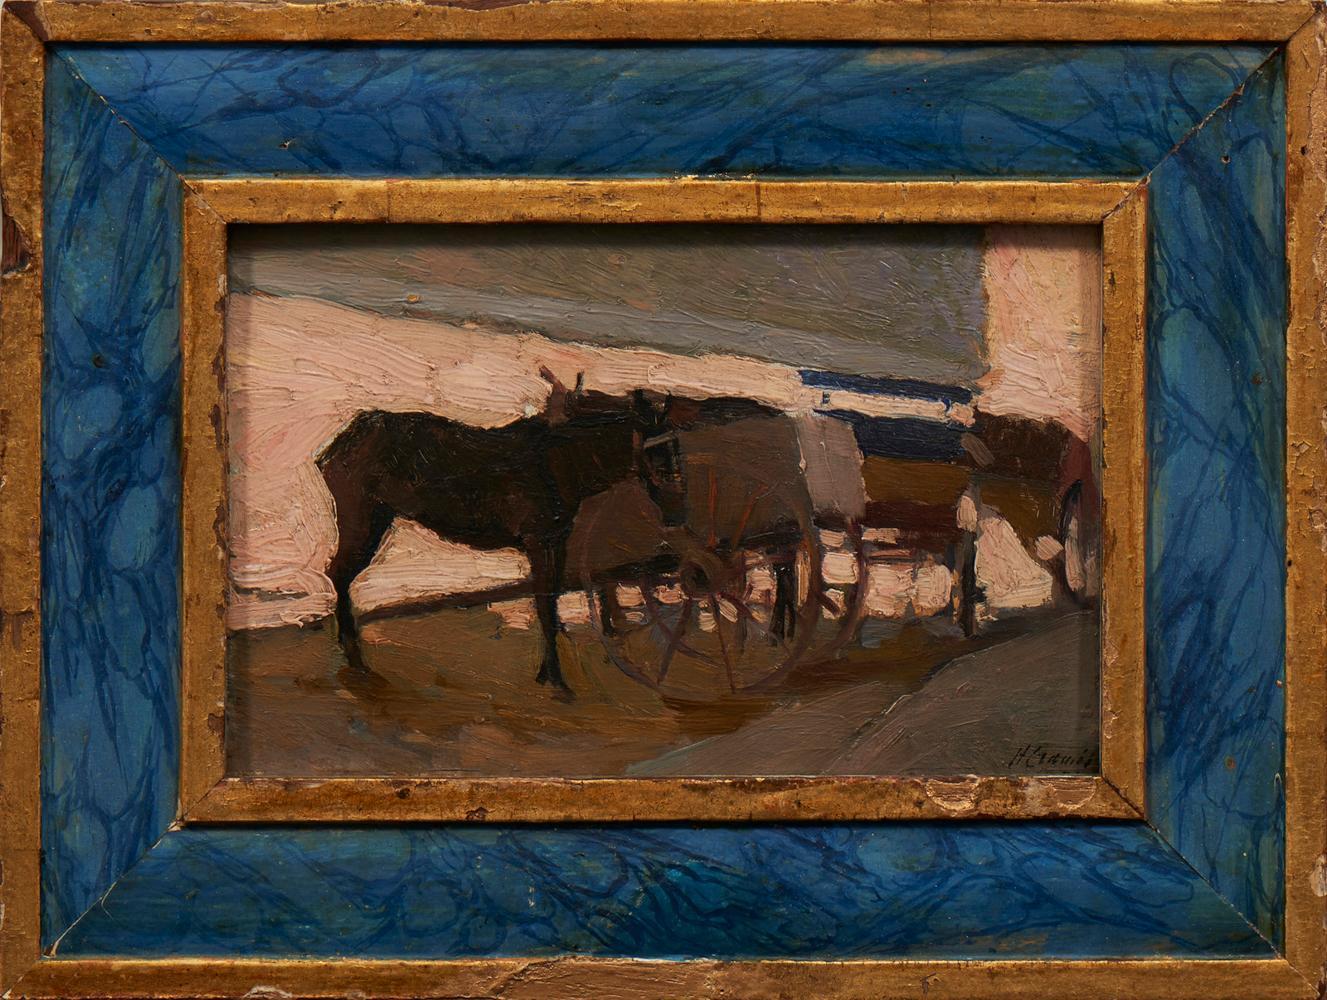 CRAMEZ, Heitor, Óleo sobre cartão, 16 x 24 cm.